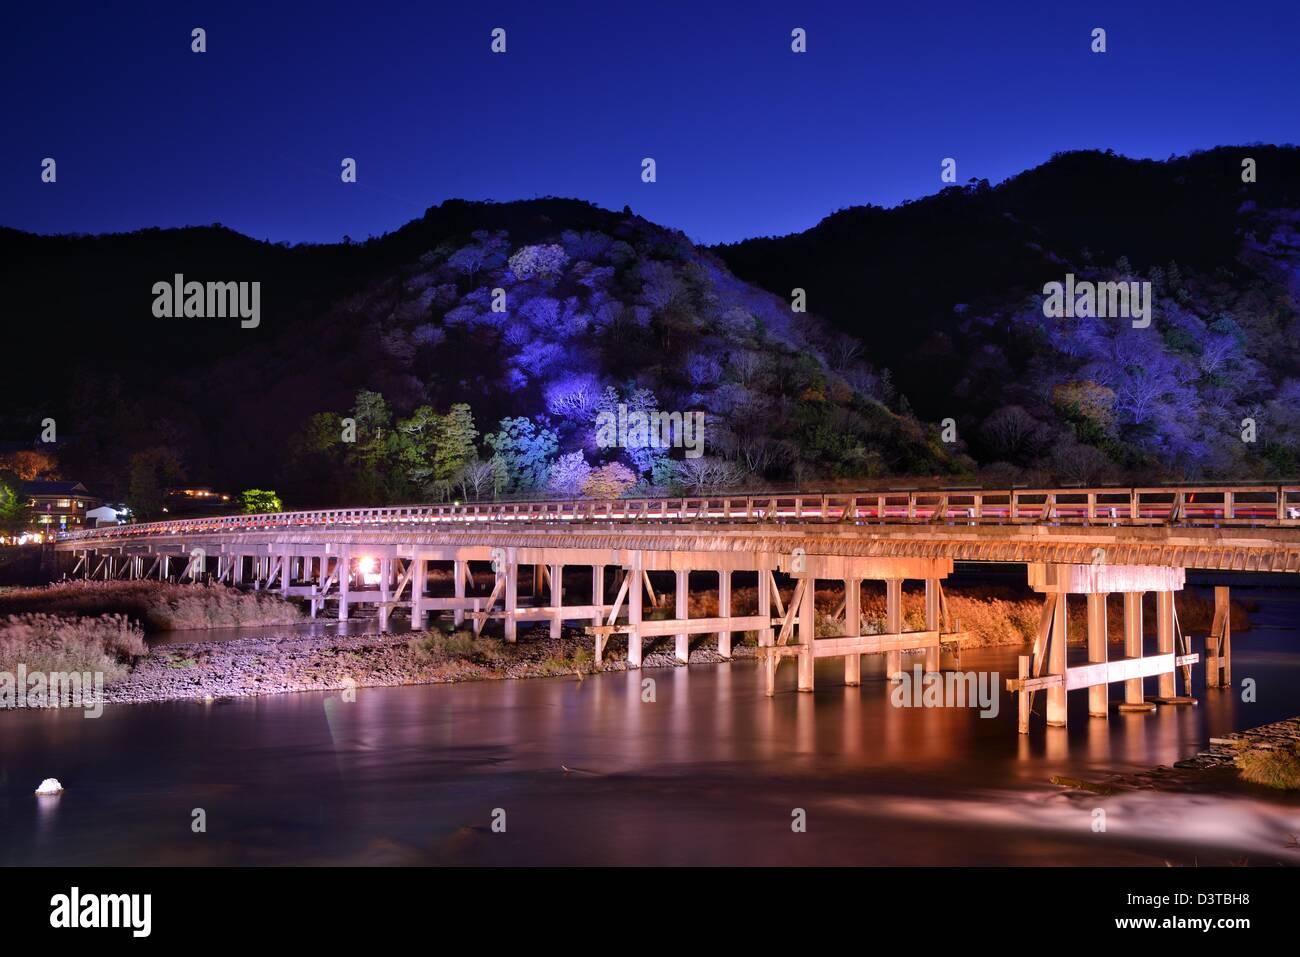 Die historische Togetsukyo Bridge, beleuchtet in der Nacht in der Arashiyama von Kyoto, Japan. Stockbild